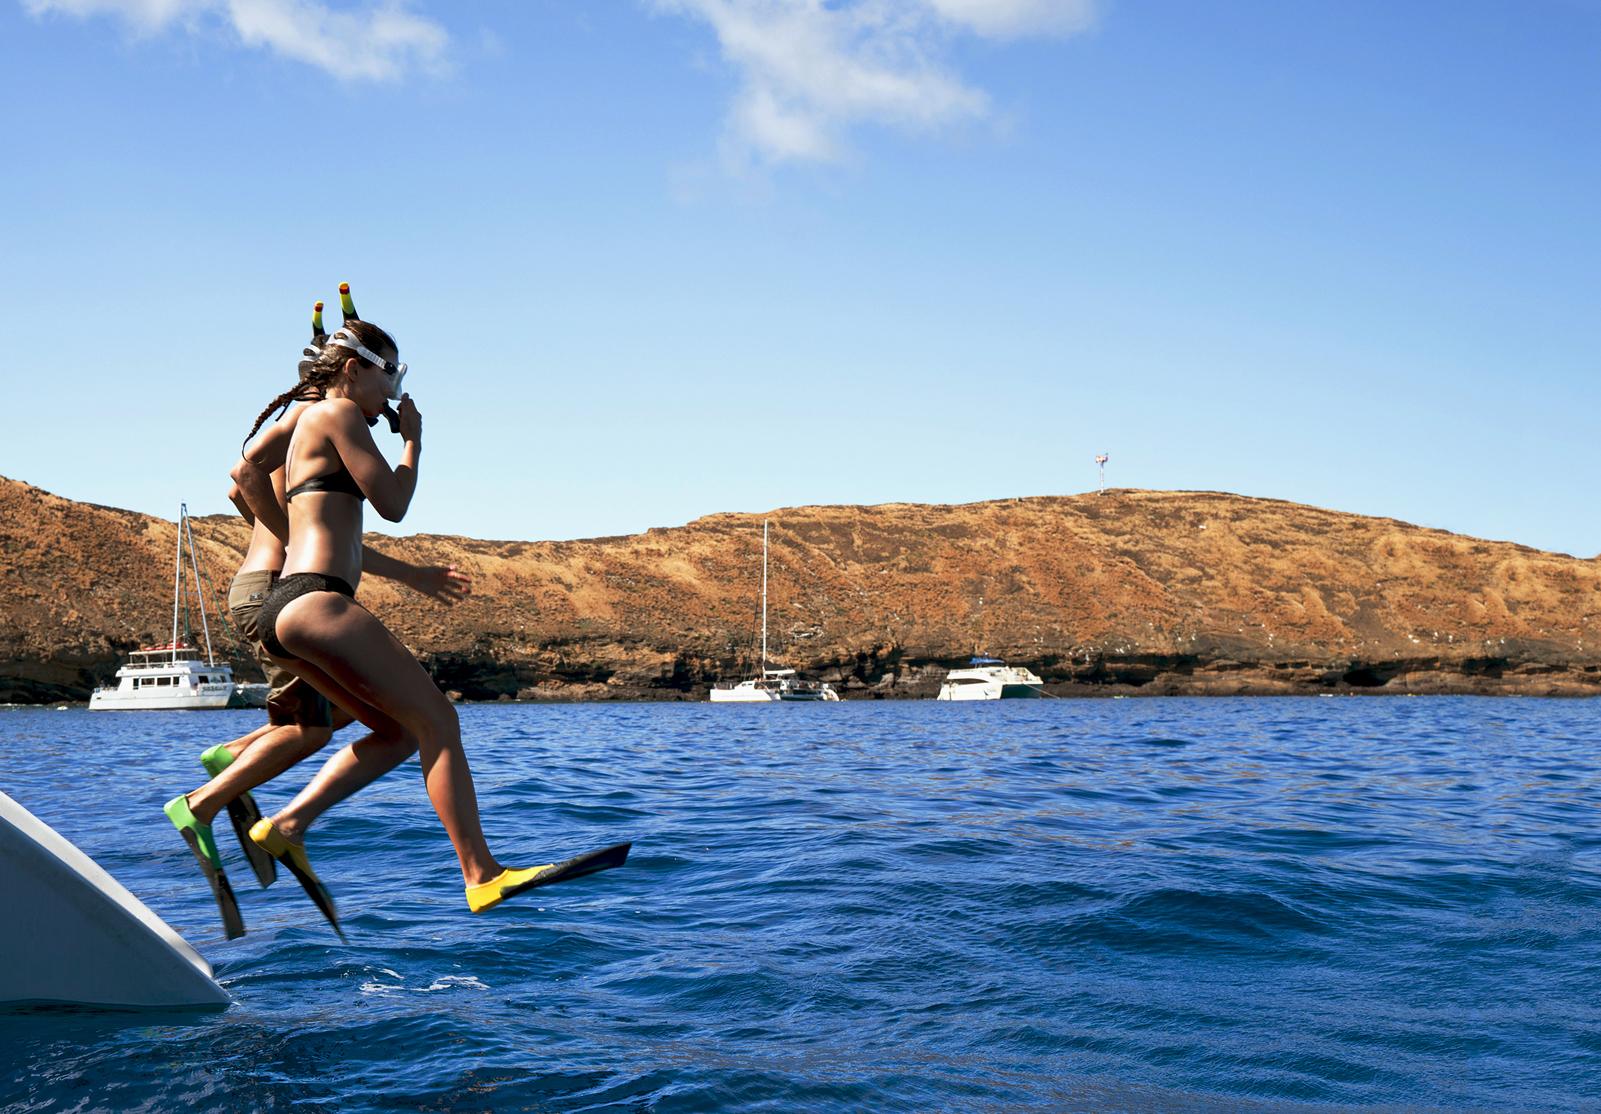 ゴールデンウィークは「おうちでハワイ」が楽しい! バーチャルでシュノーケリング体験_2